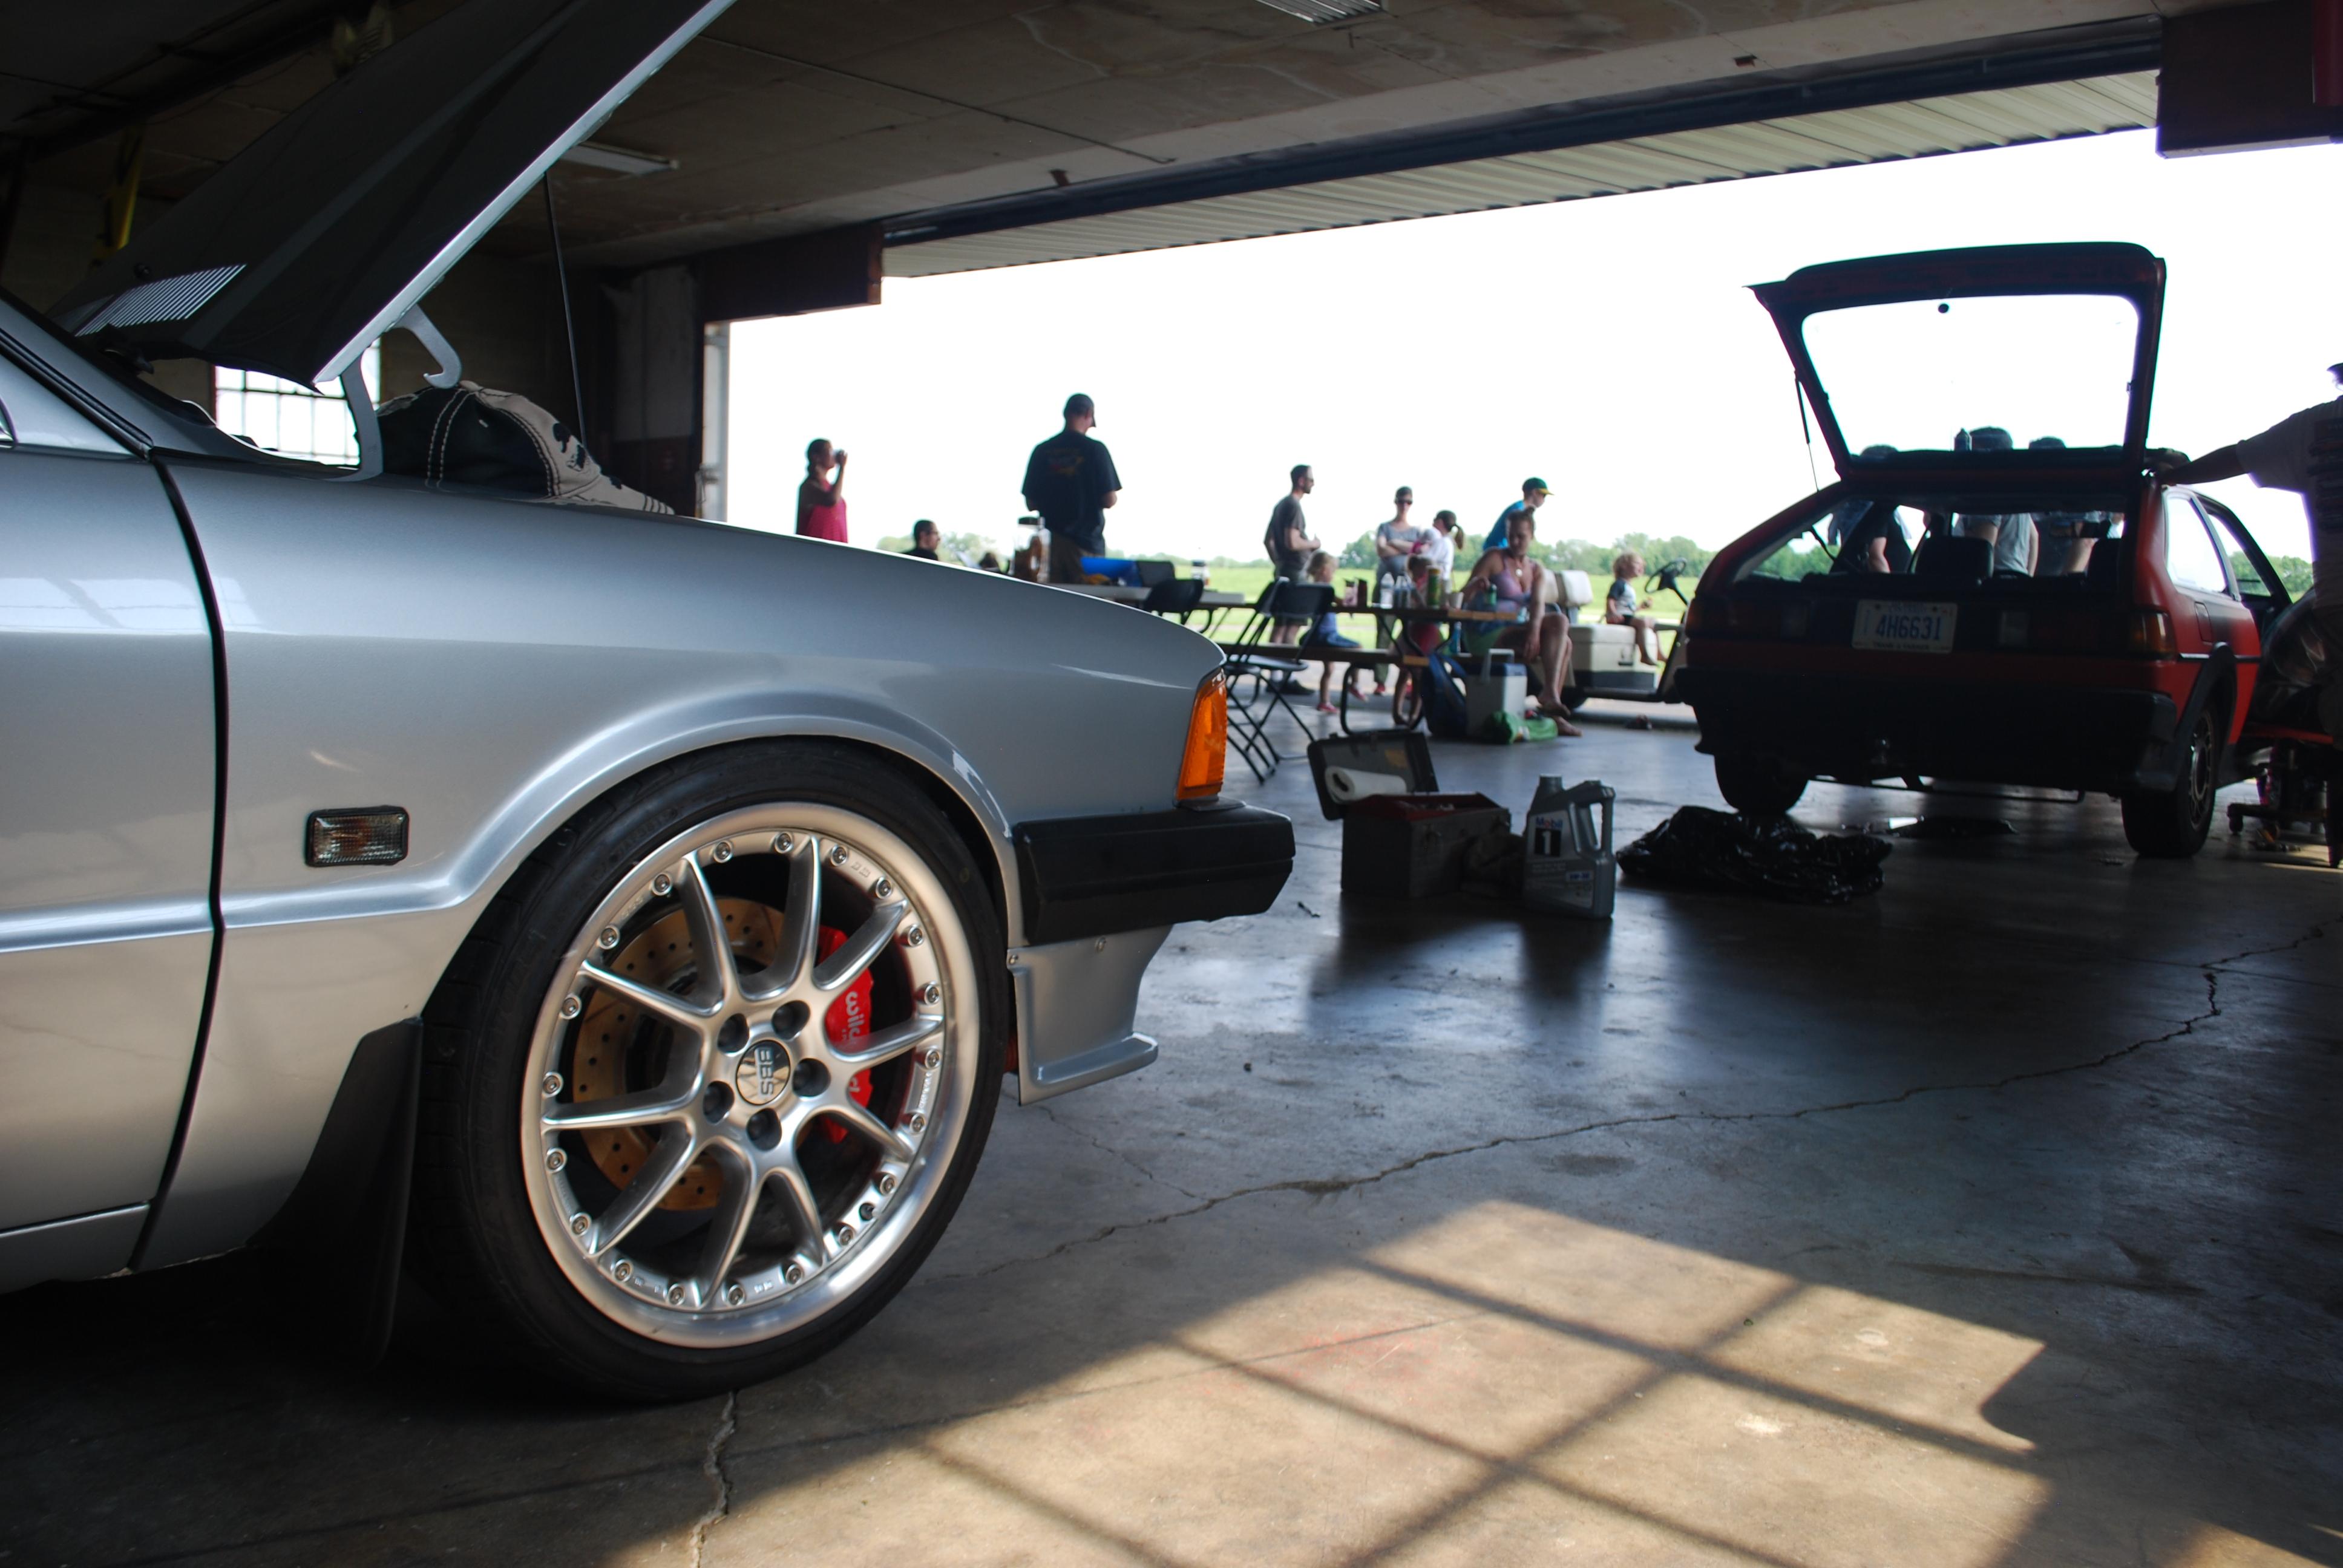 Audi A4 B9 MLB evo test mule 416 600x300 photo